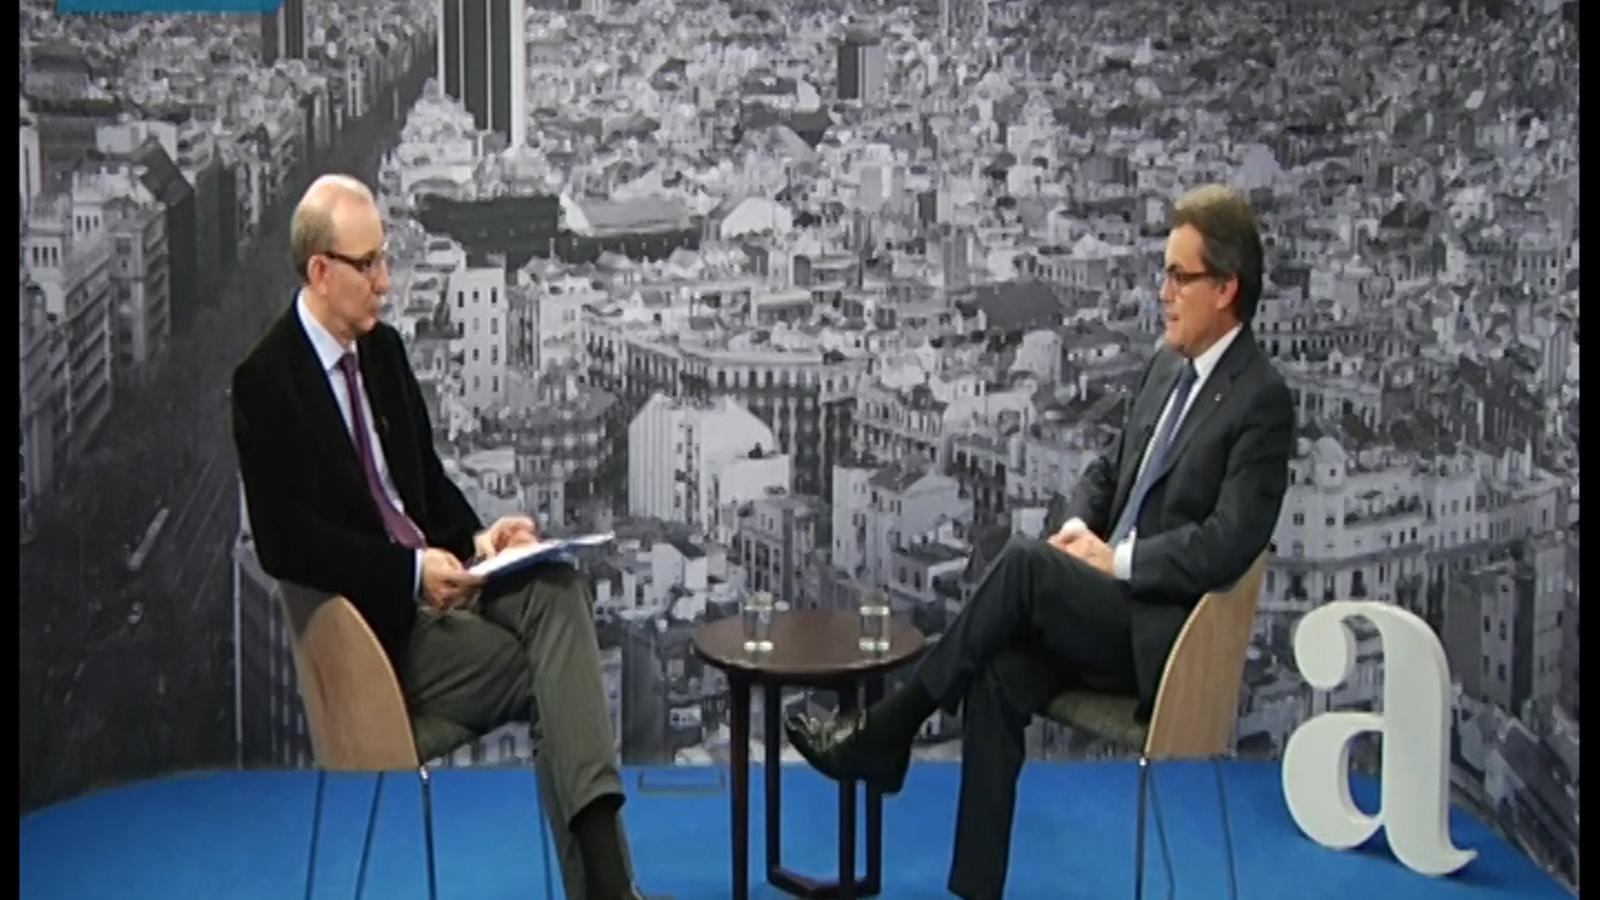 He plorat per moltes coses i puc plorar per Catalunya, però mai per la política: 3 moments clau de l'entrevista d'Artur Mas a l'ARA